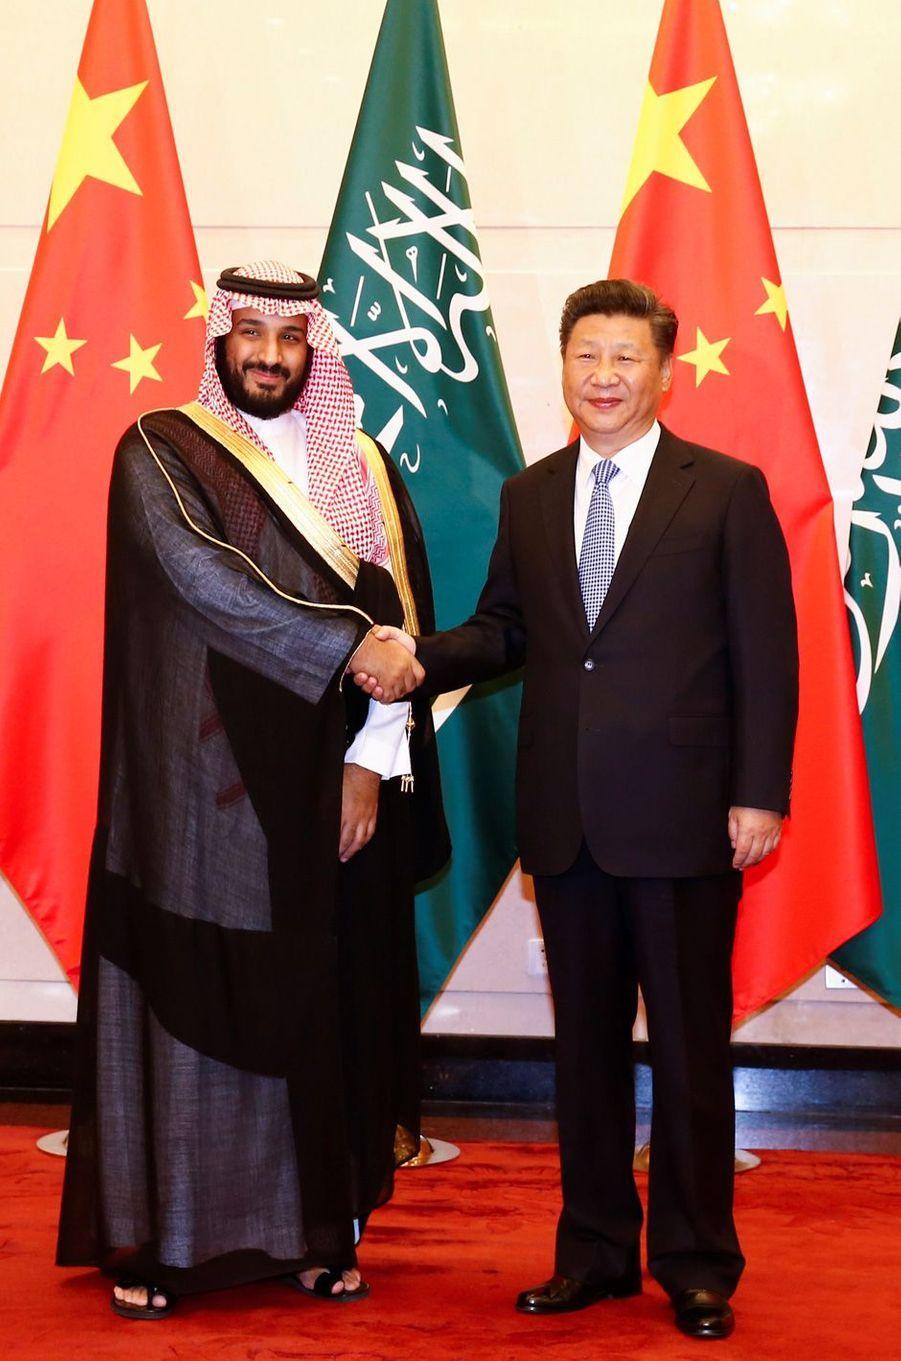 Le prince Mohammed ben Salmane et le président chinois Xi Jinping, en août 2016.